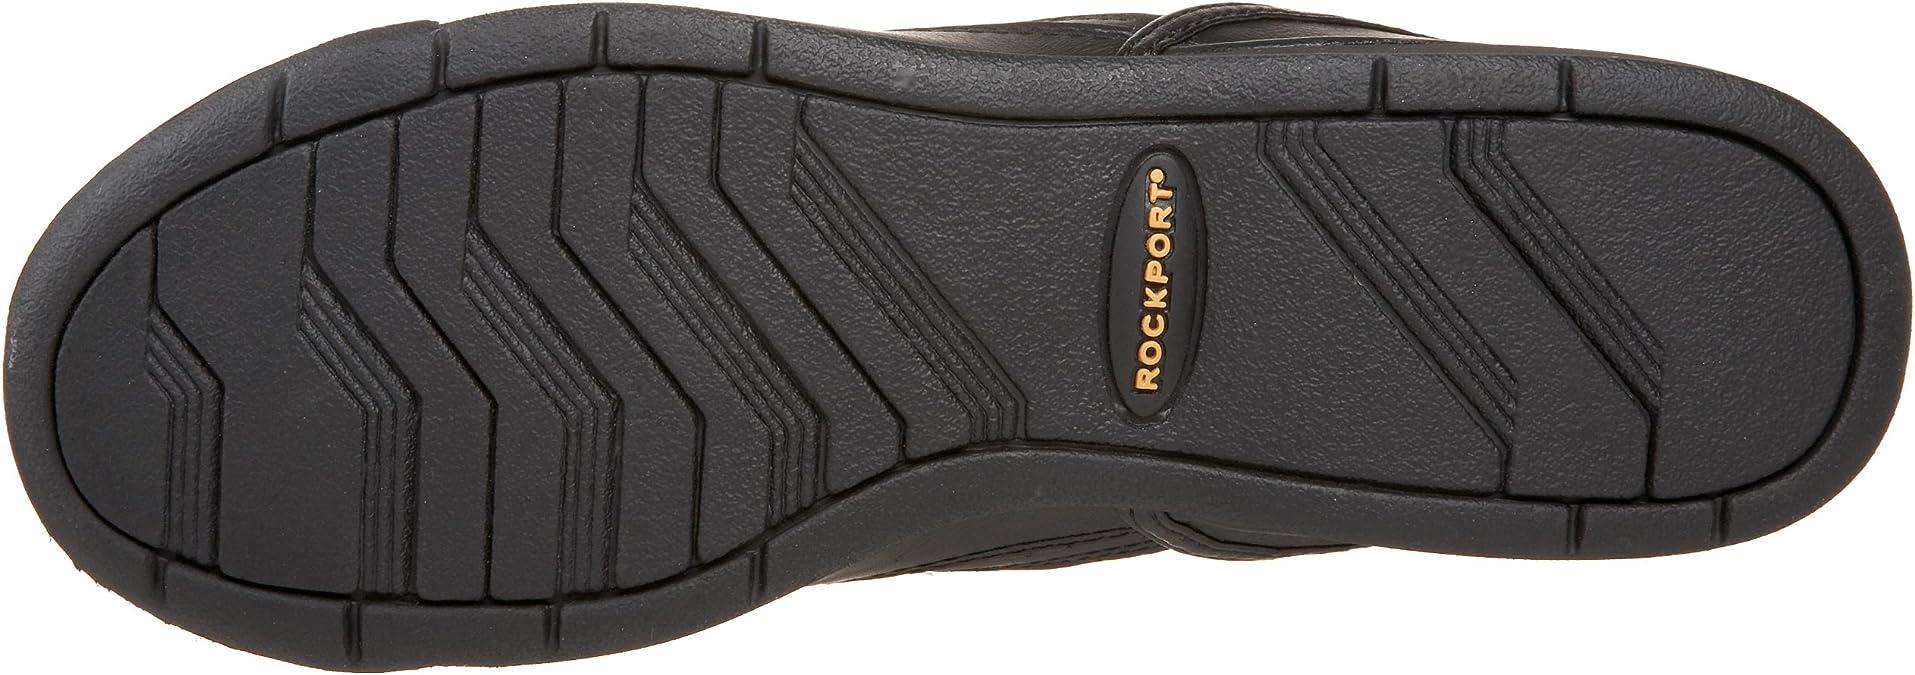 Rockport Women's Prowalker Sneaker